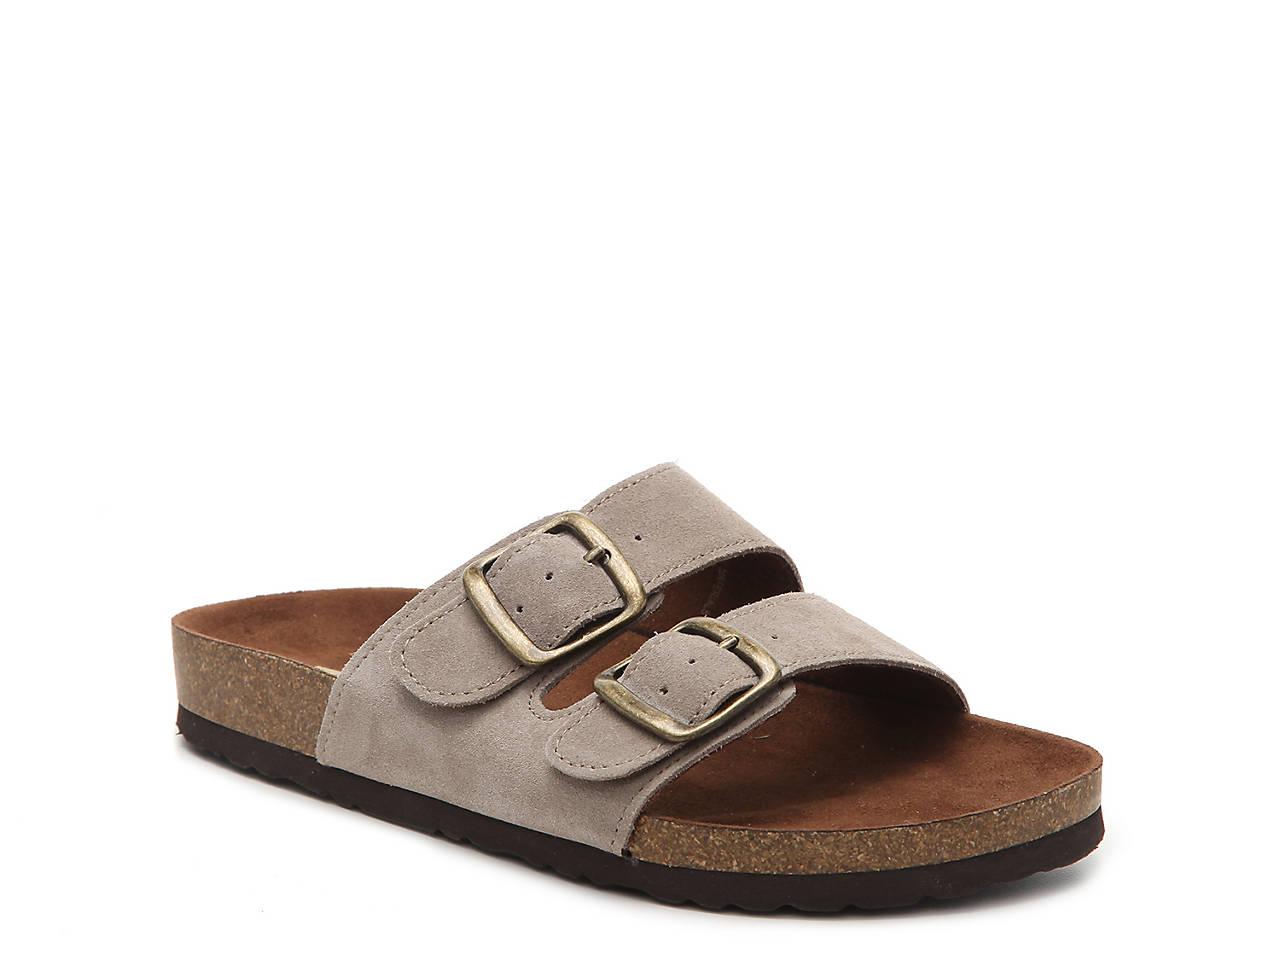 44d5fcbd0d8f White Mountain Helga Flat Sandal Women s Shoes